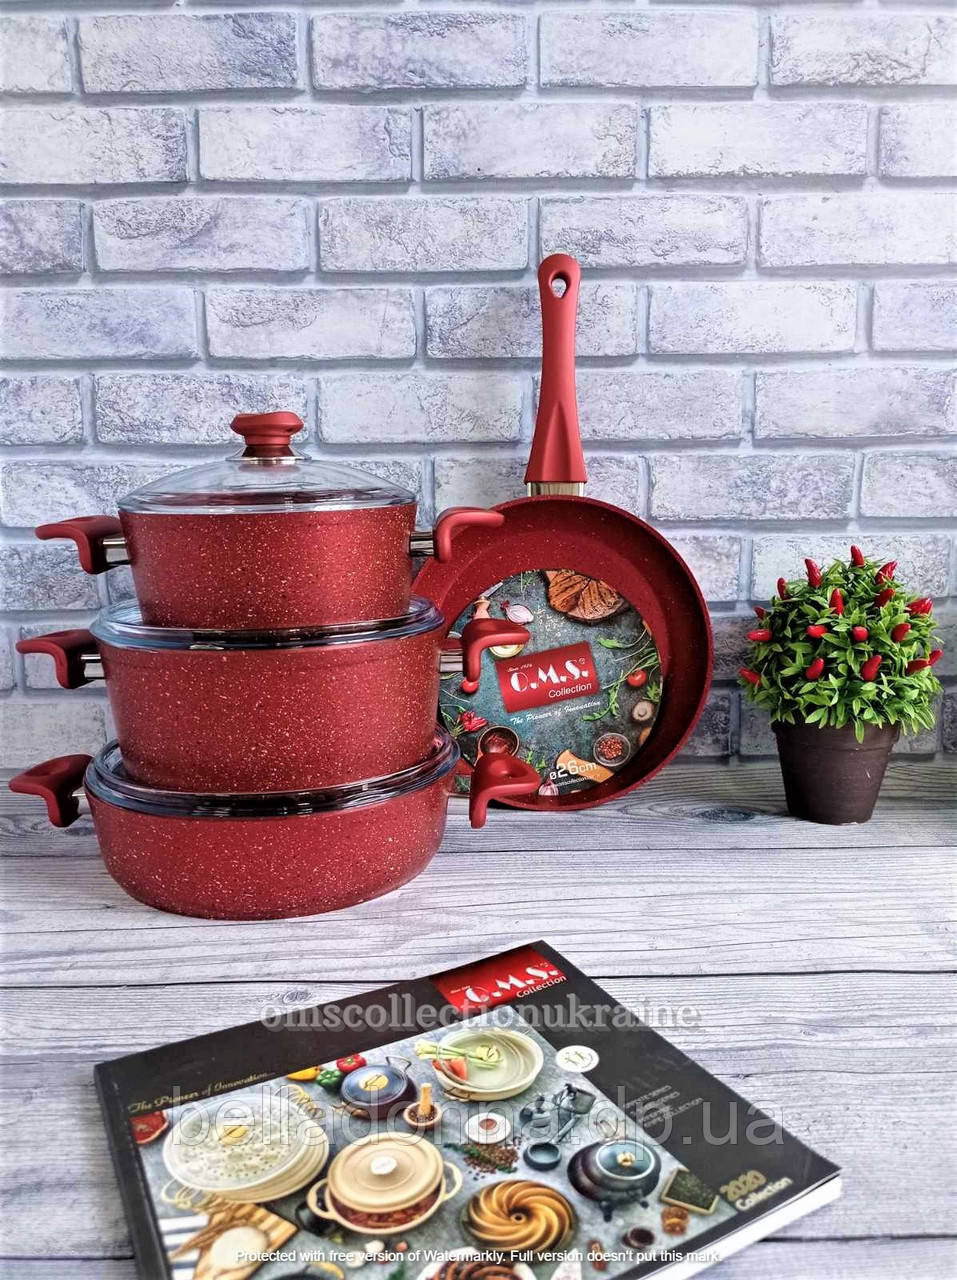 Набір посуду O. M. S. Collection з а/п покриттям з 7-ми (4/3) предм. (ручки бакеліт) арт. 3005.01.02. червоний